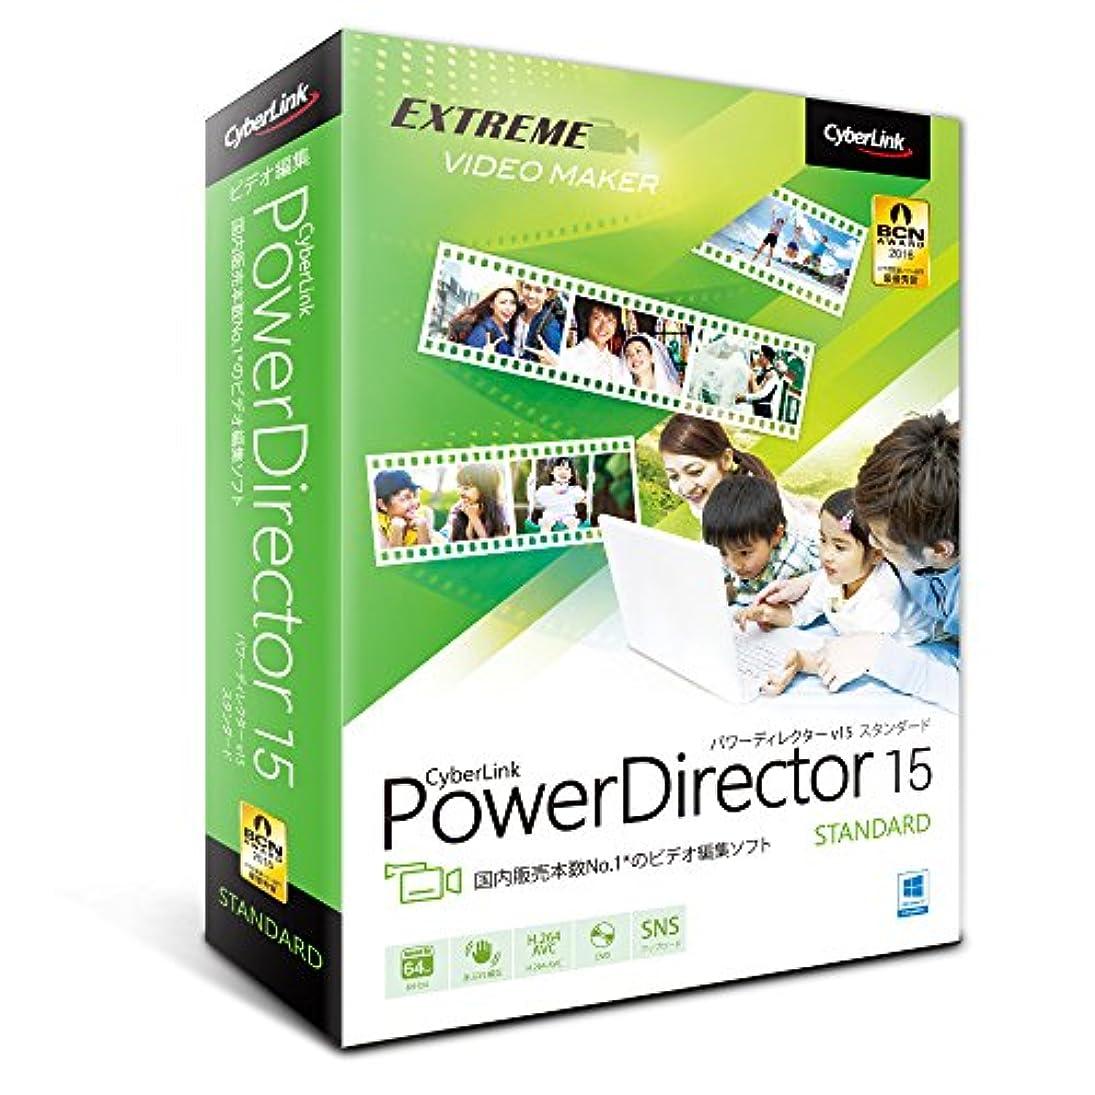 略奪飢勉強するサイバーリンク PowerDirector 15 Standard 通常版